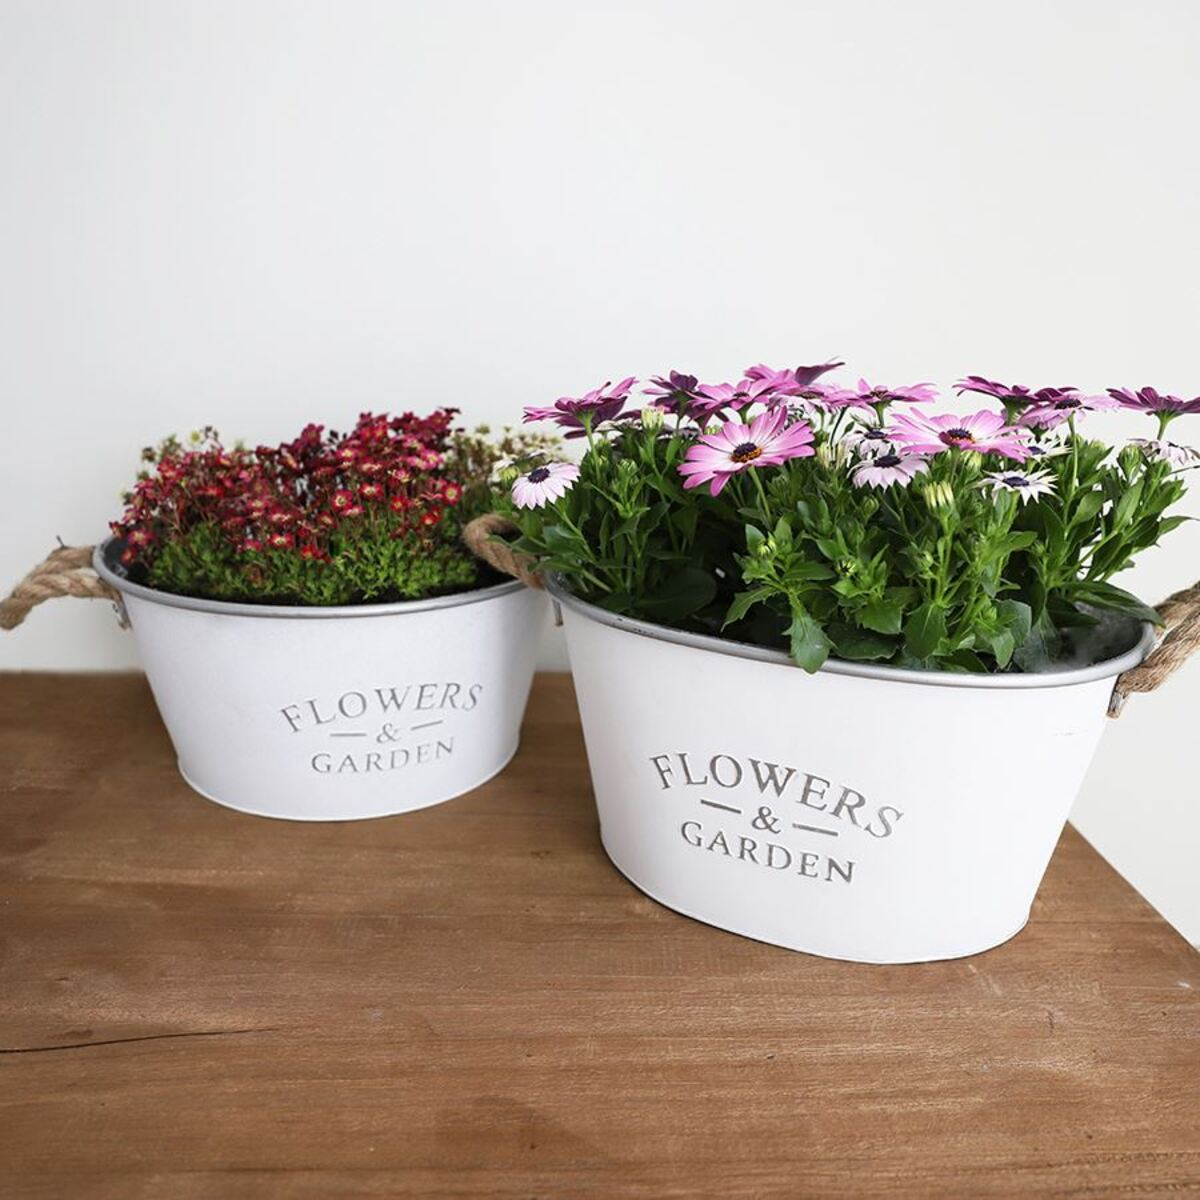 Bild 5 von Zink-Pflanzwanne Flowers & Garden 38,5x20x30cm